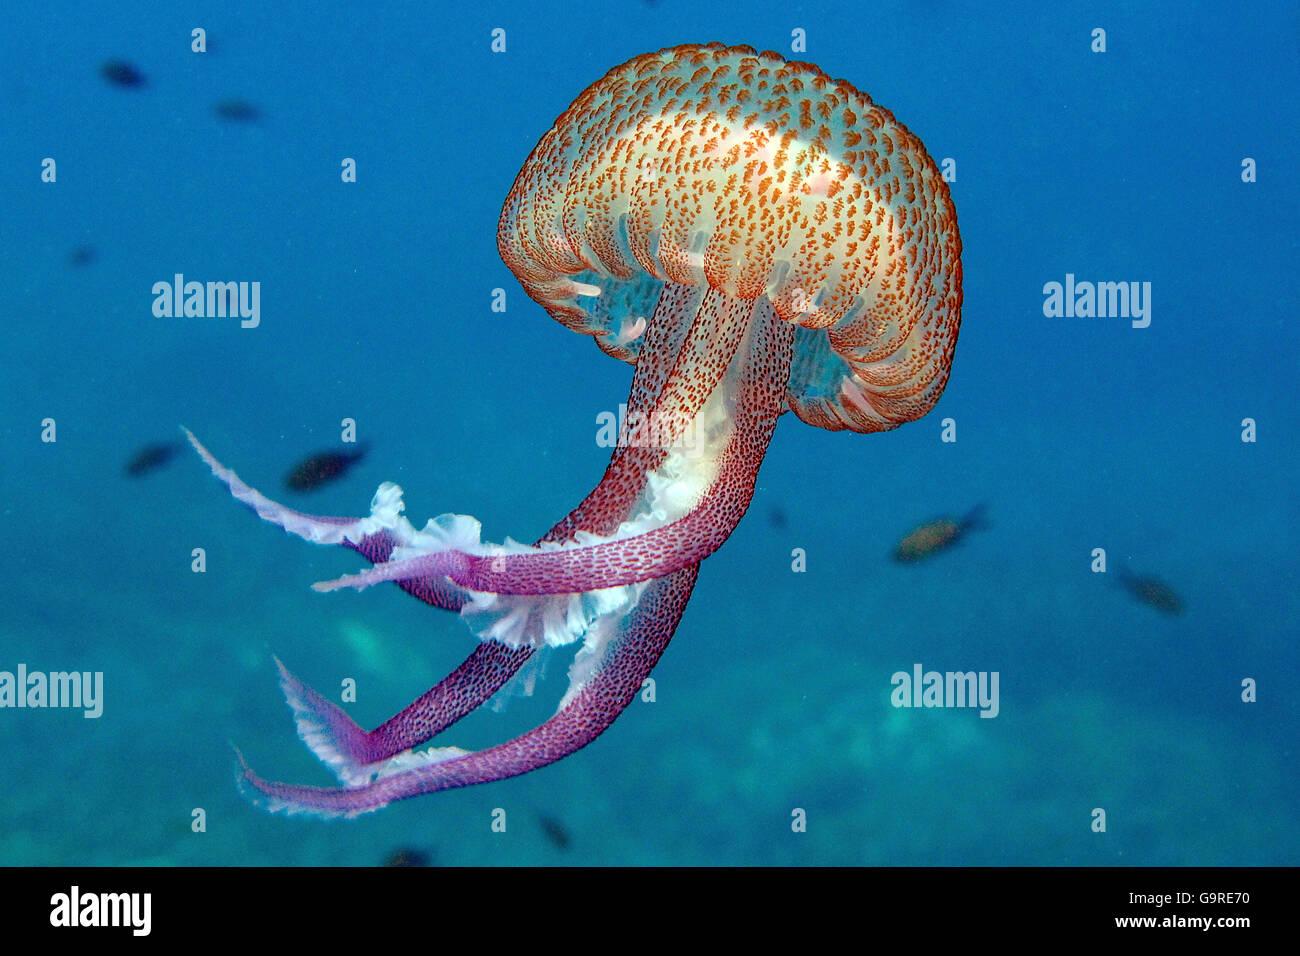 Mauve Stinge /(Pelagia noctiluca) - Stock Image